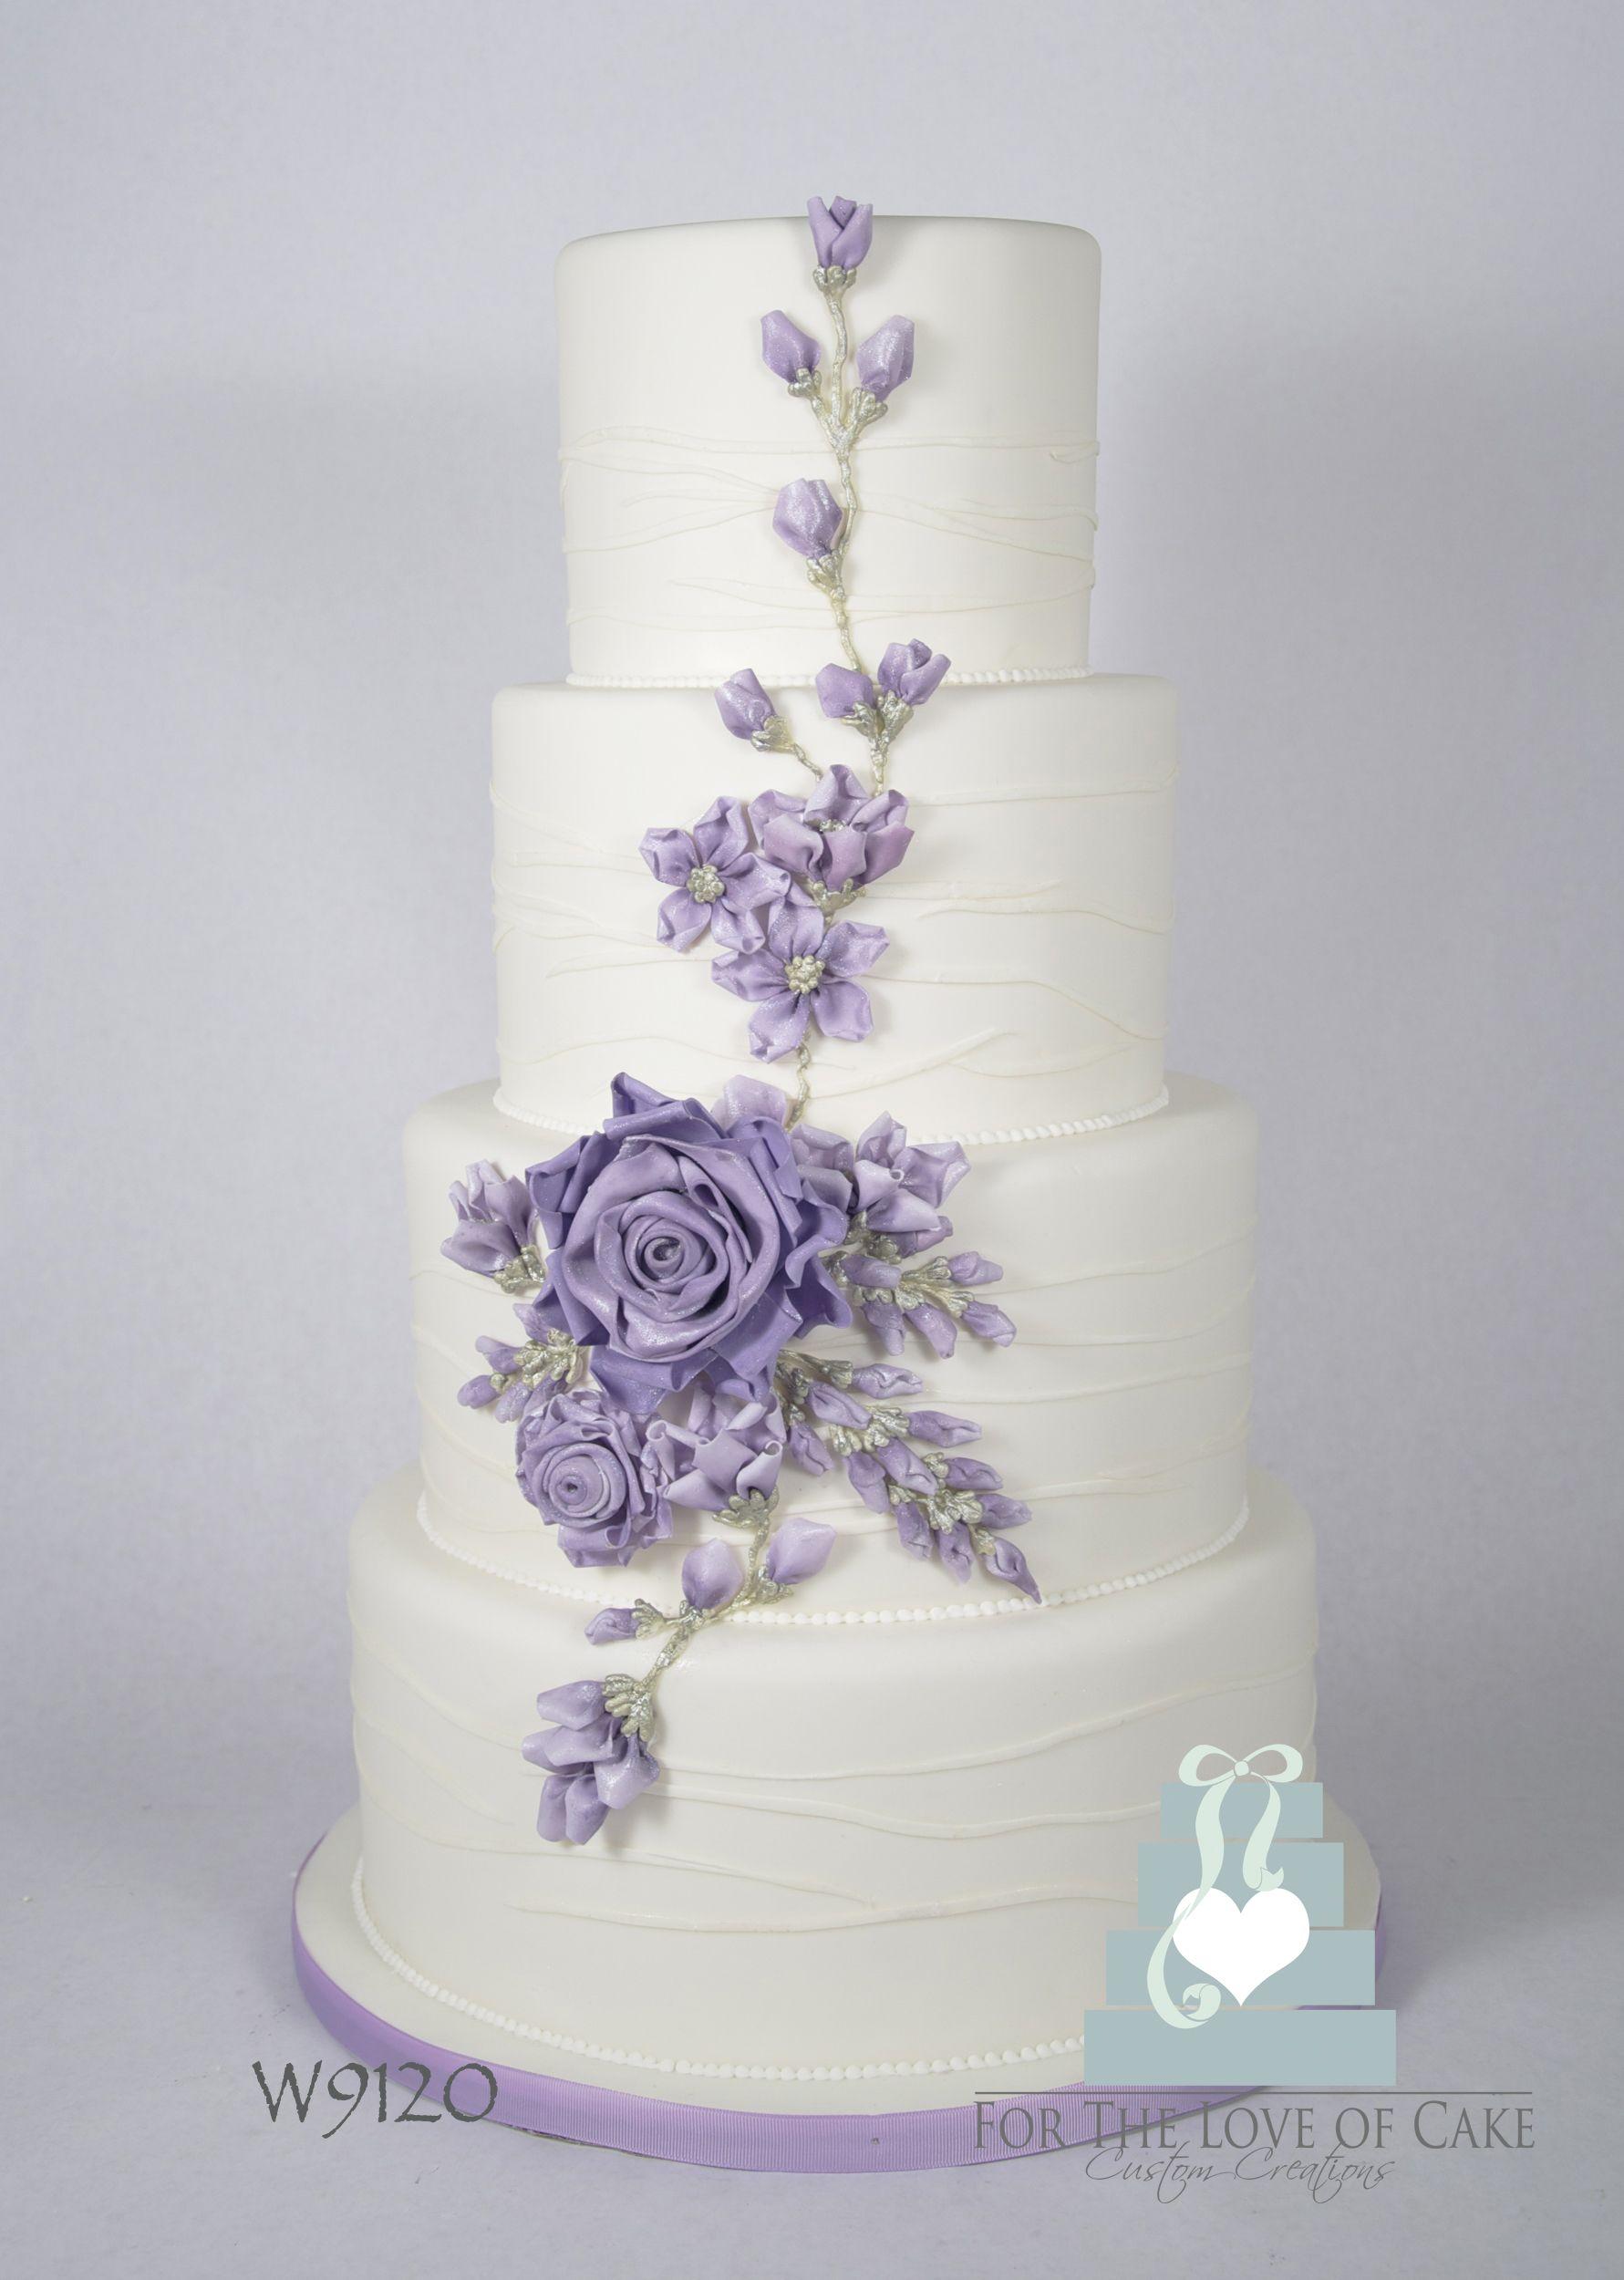 Ribbon Flower Wedding Cake Round Wedding Cakes Wedding Cakes With Flowers Beautiful Cake Pictures Cool Wedding Cakes